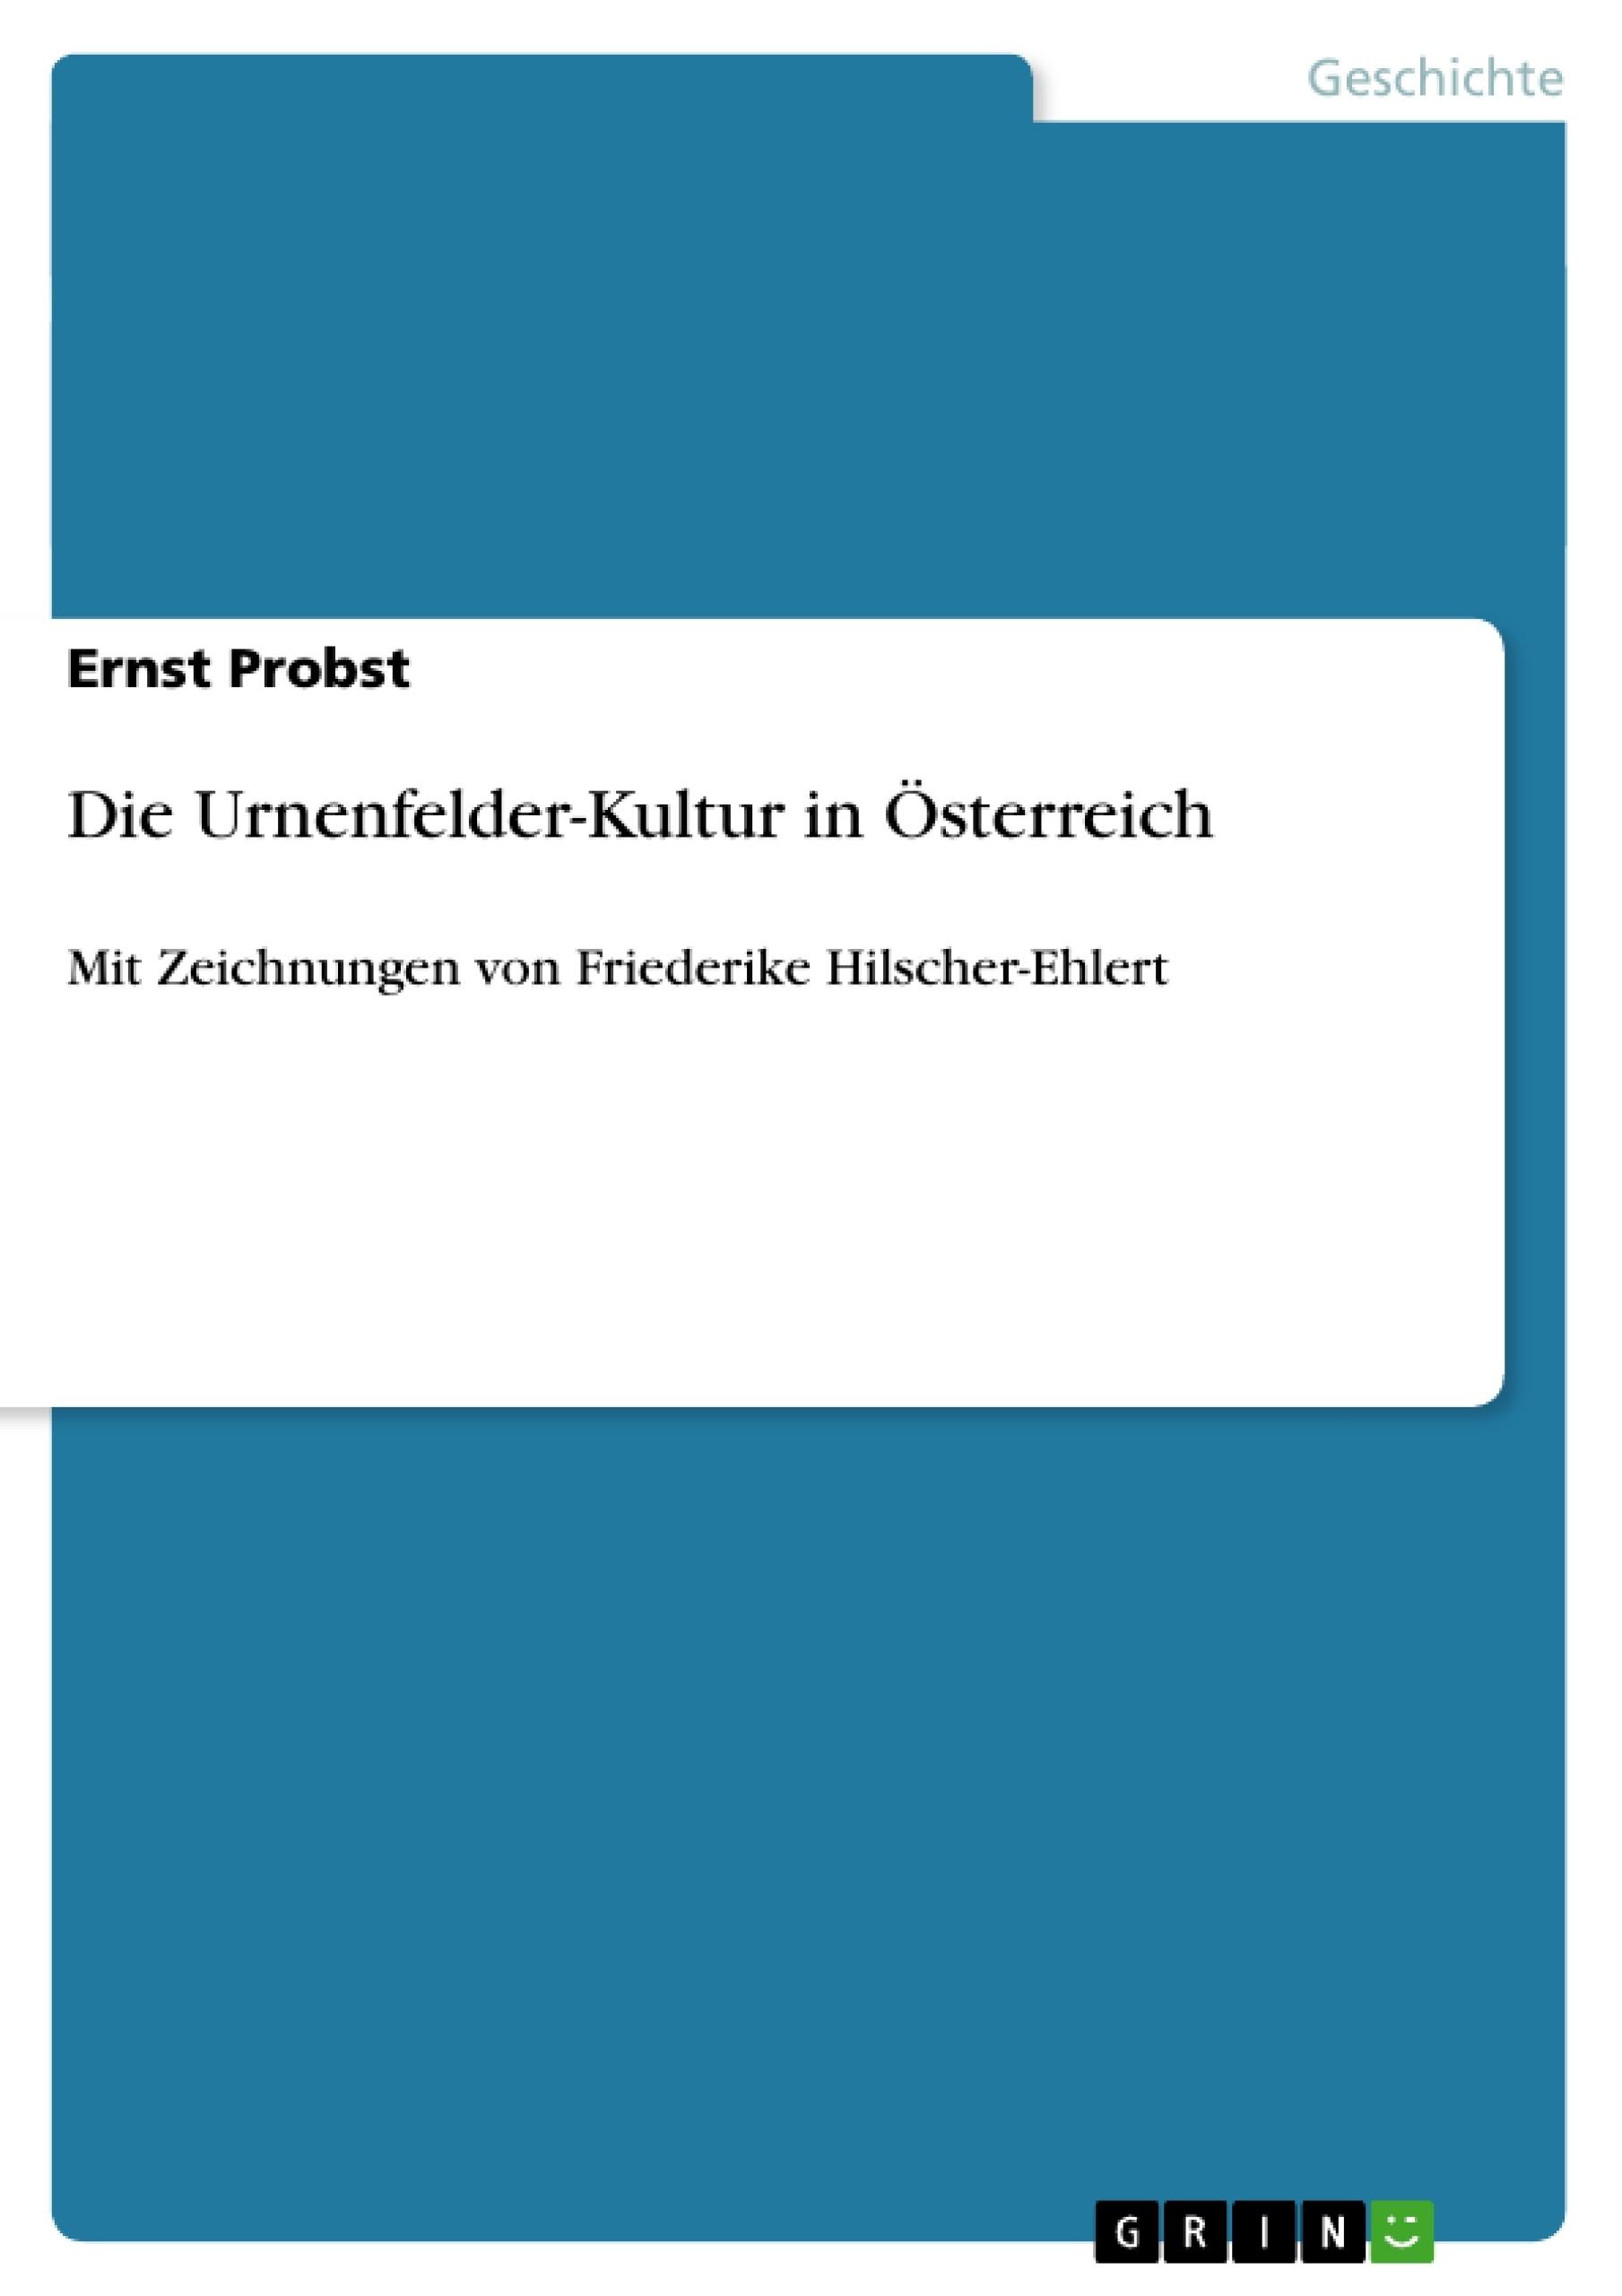 Titel: Die Urnenfelder-Kultur in Österreich